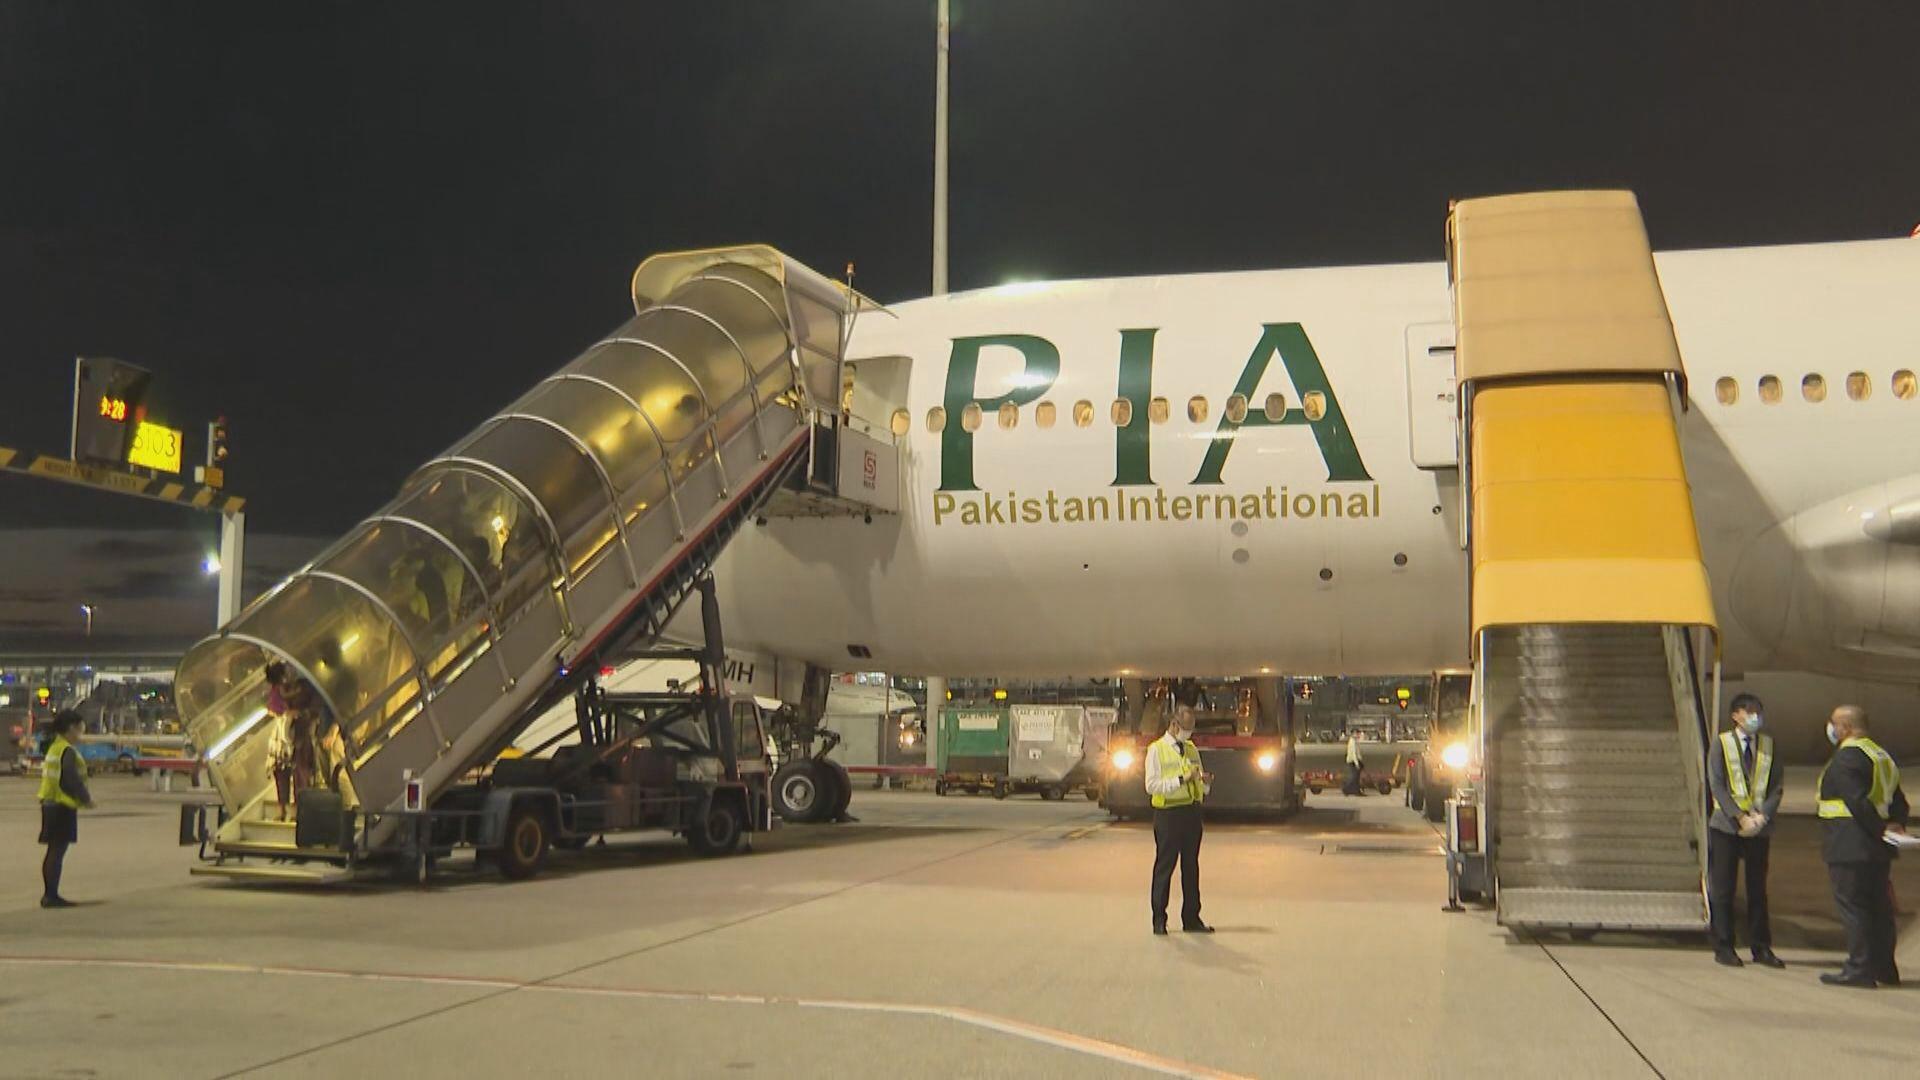 港府接載滯留印度港人專機料周日由新德里出發